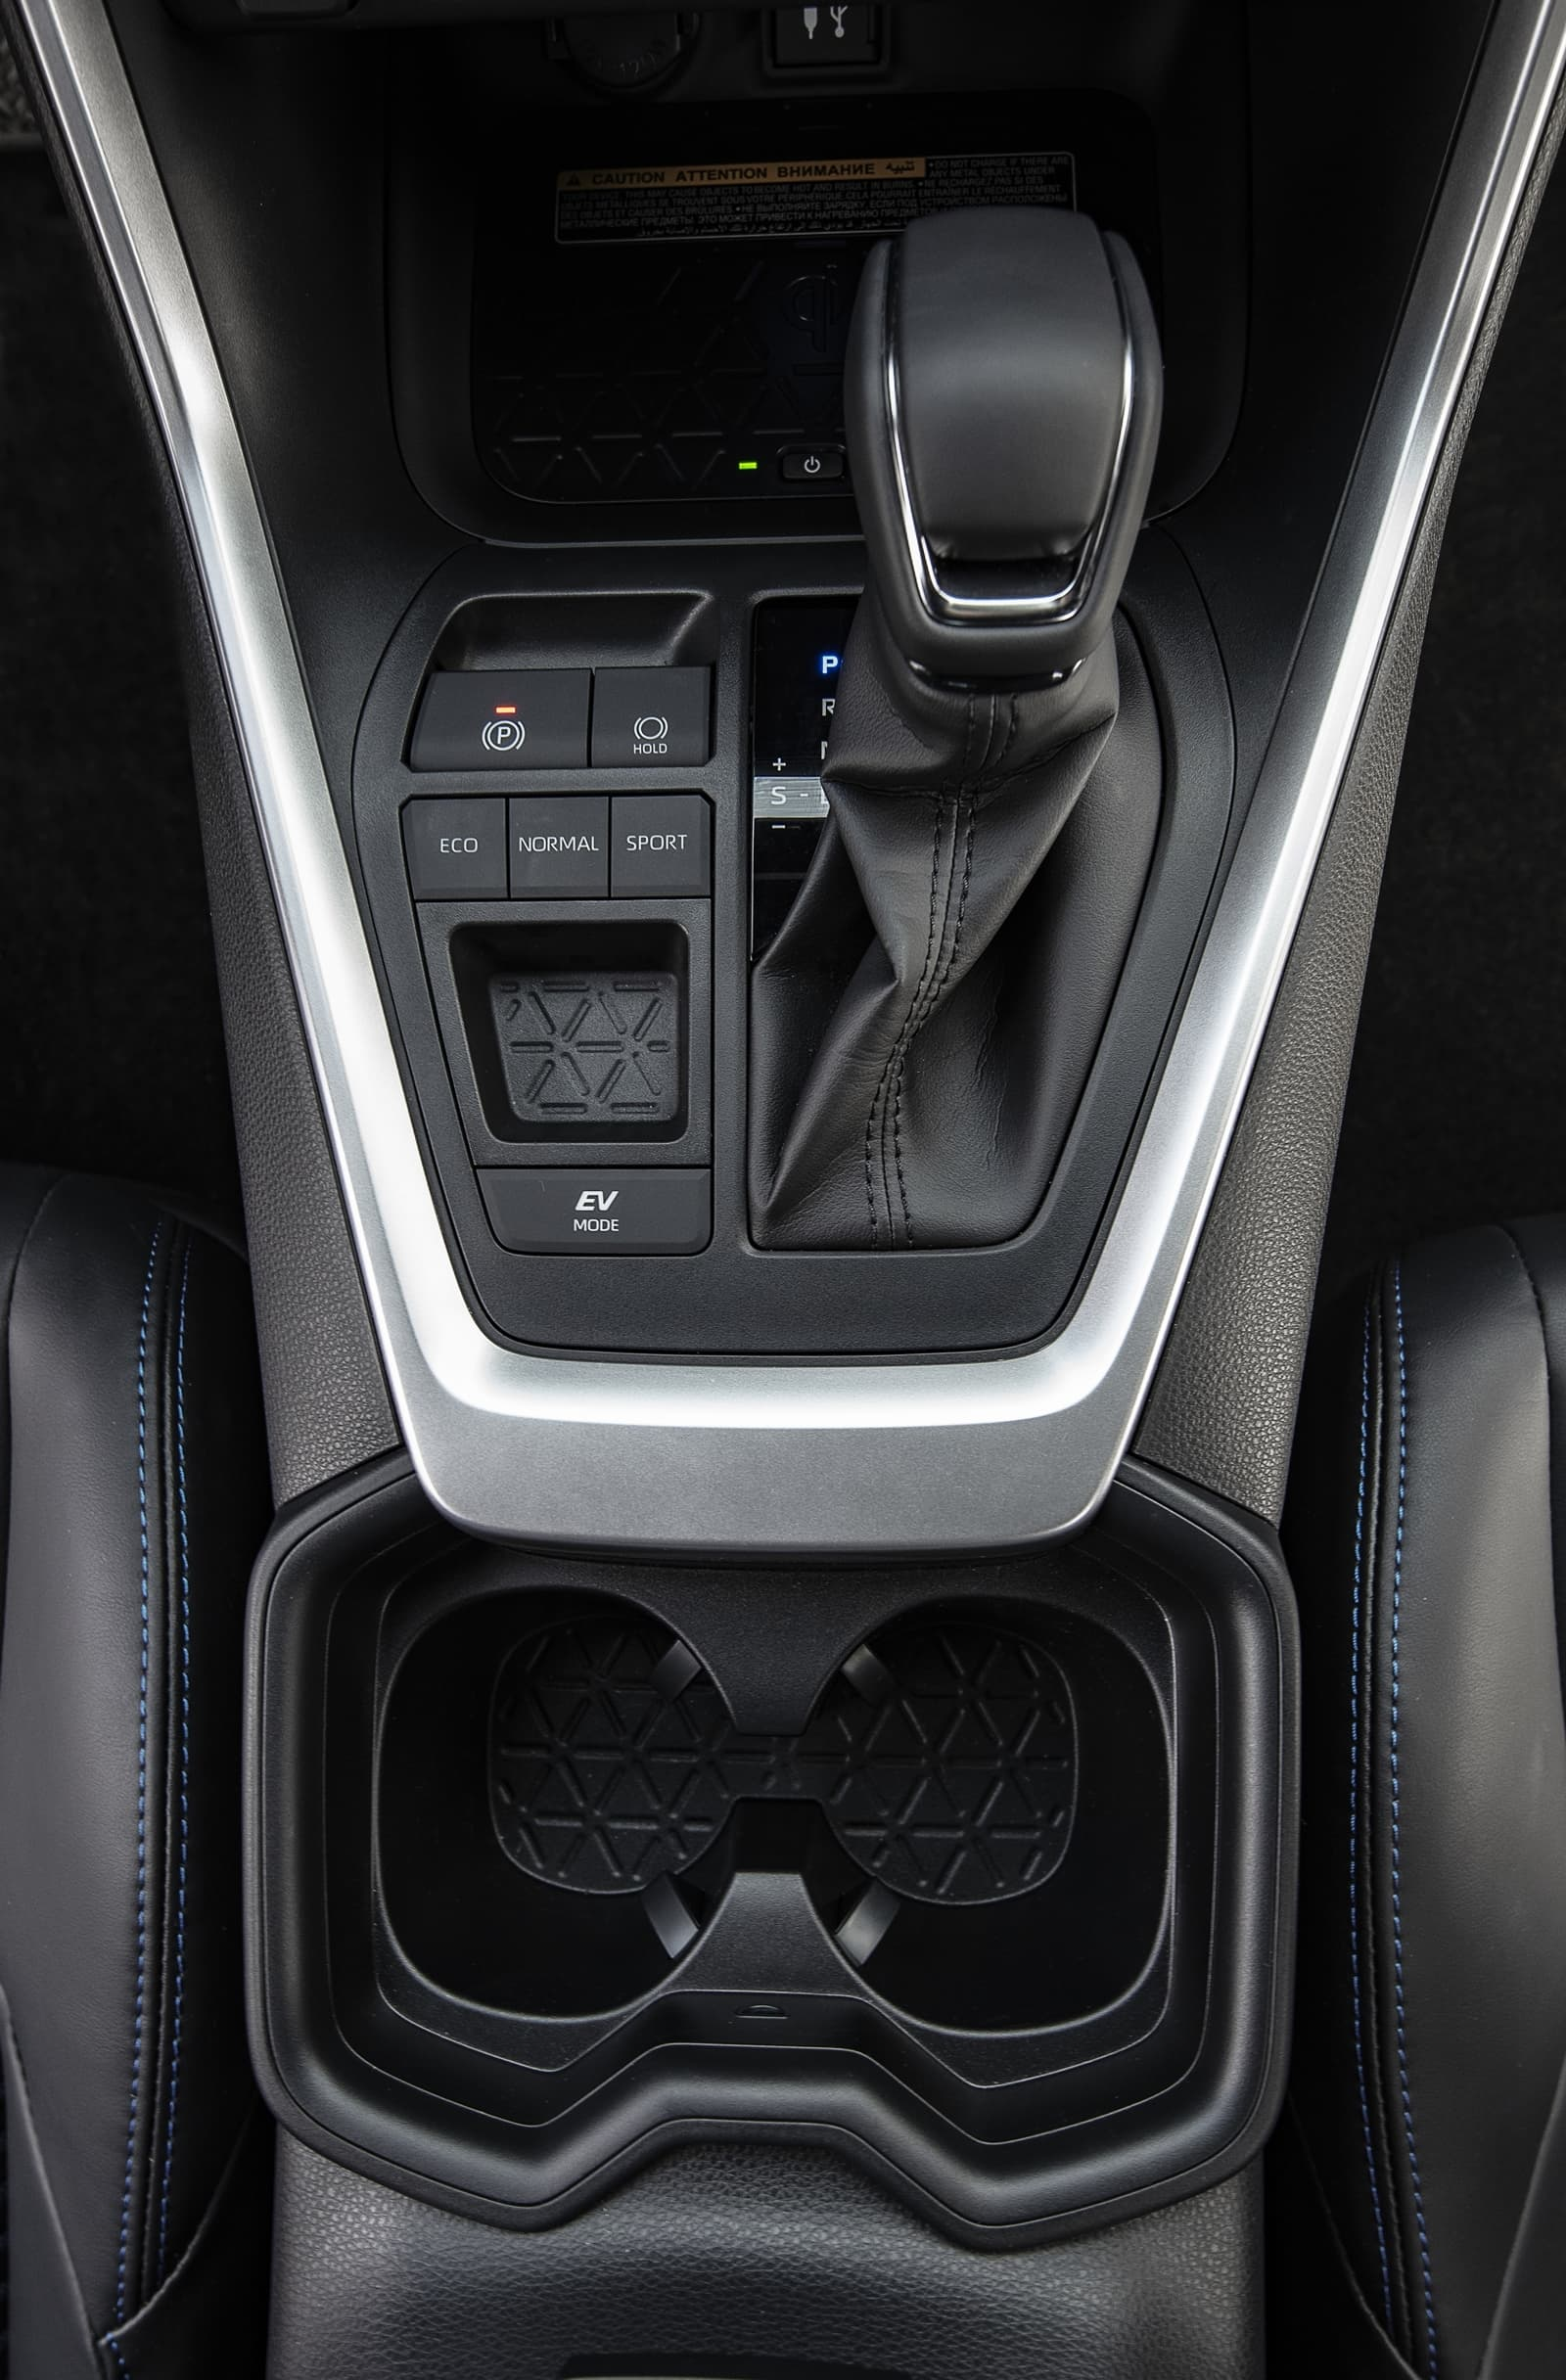 Toyota Rav4 2019 0119 017